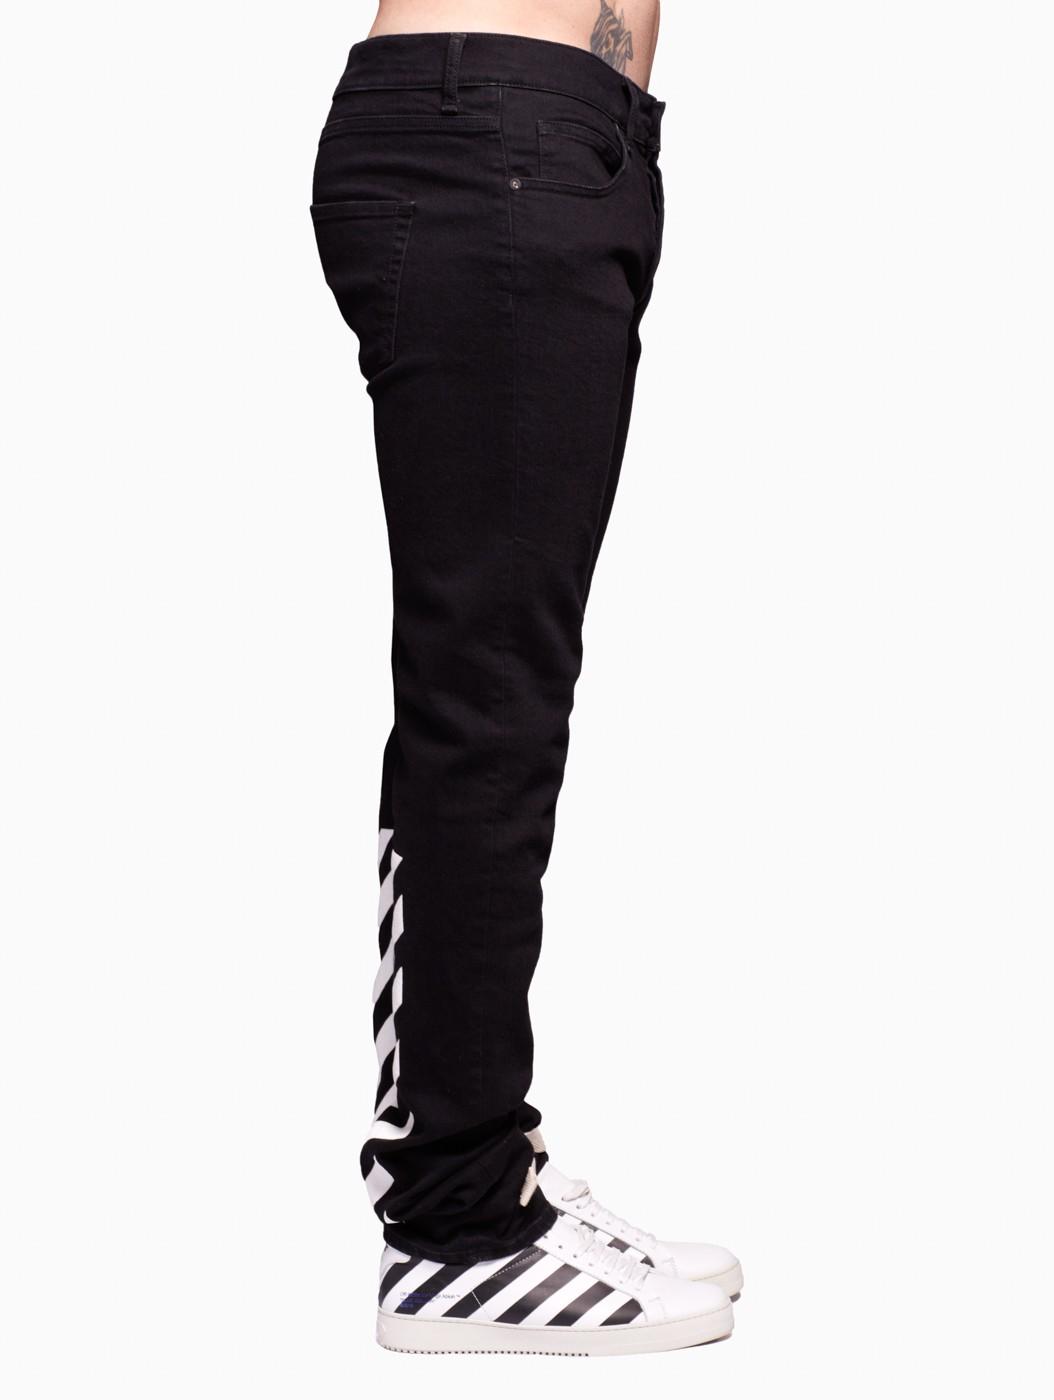 Off-white c/o virgil abloh Denim Pants in Black for Men | Lyst